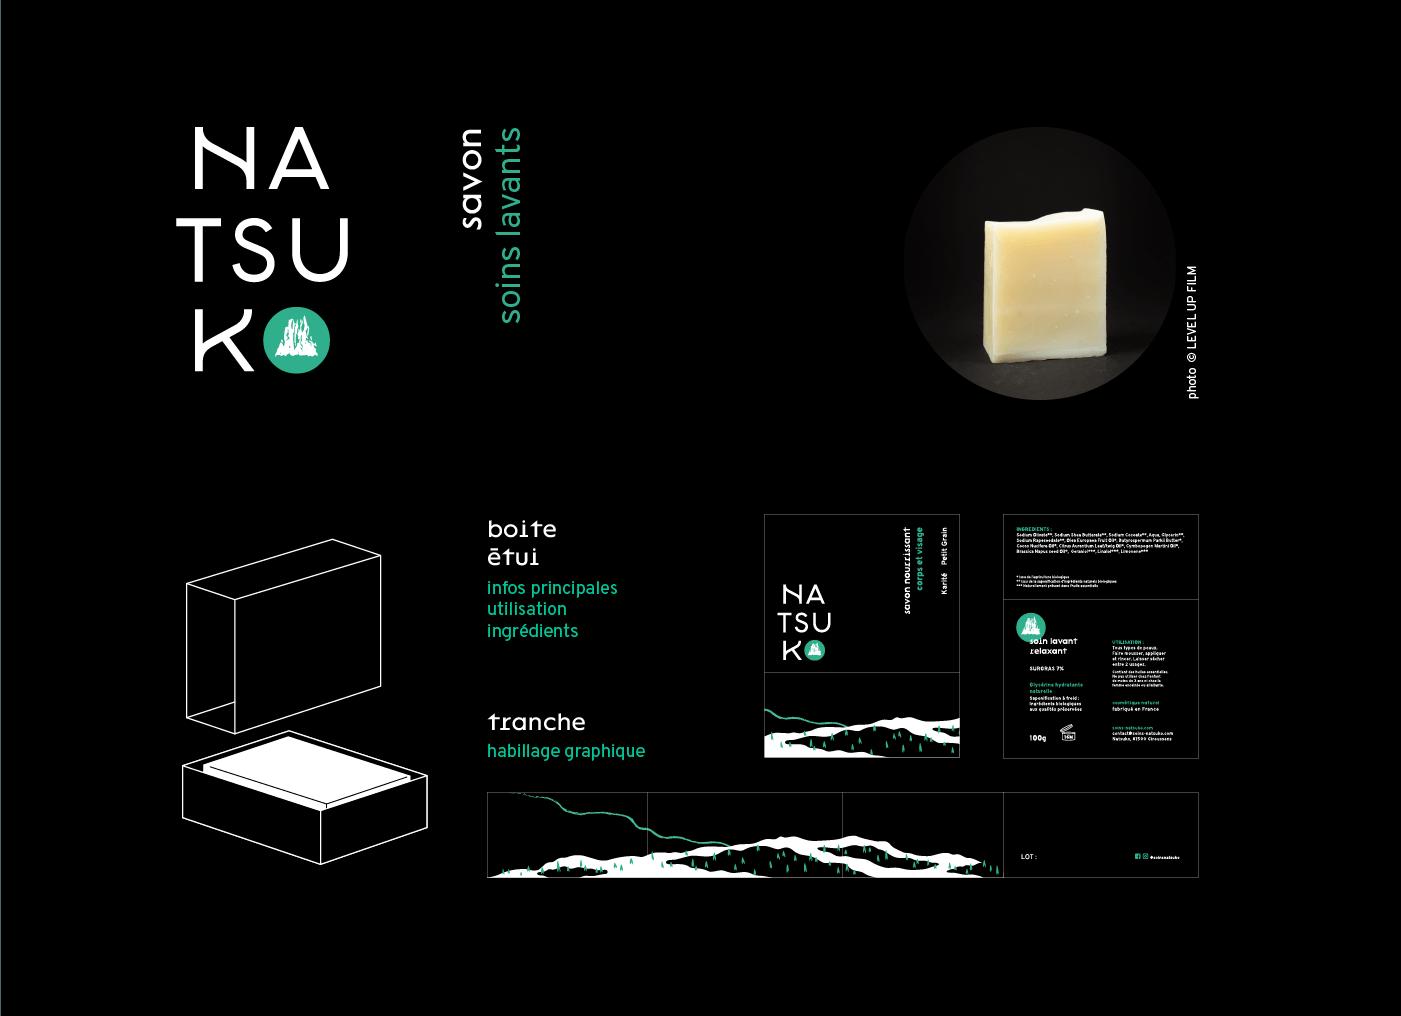 Présentation de la construction du packaging des étiquettes des boites de savons de la gamme de soins Natsuko.